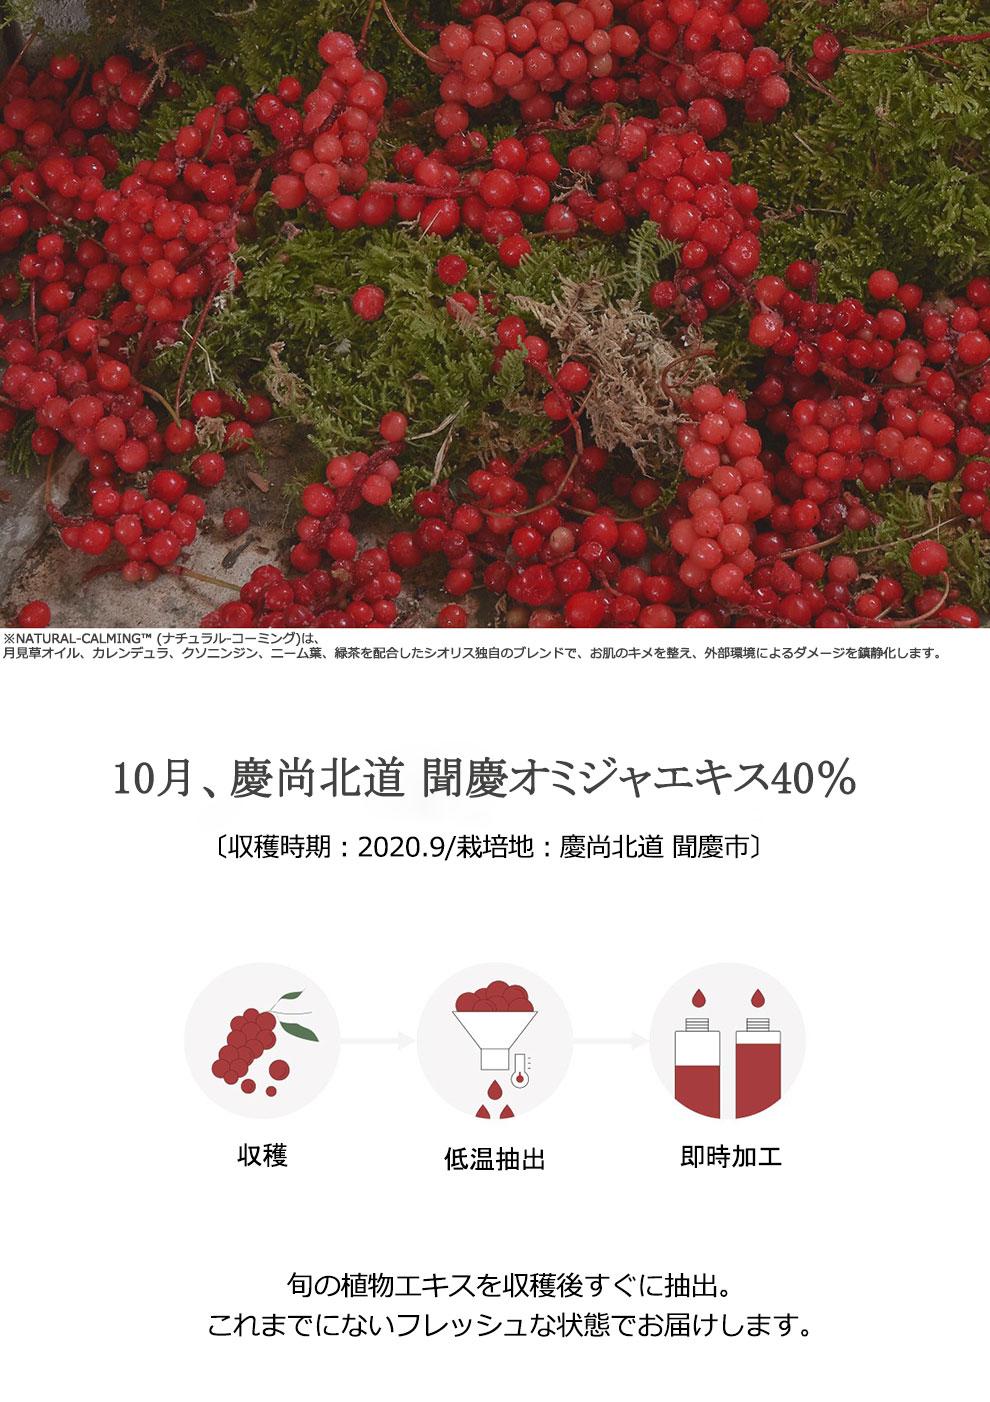 オミジャ果実とNATURAL-CALMING™※との配合バランスは、 お肌のゆらぎを安らぎへと導き、鮮紅な輝きを引き出します。